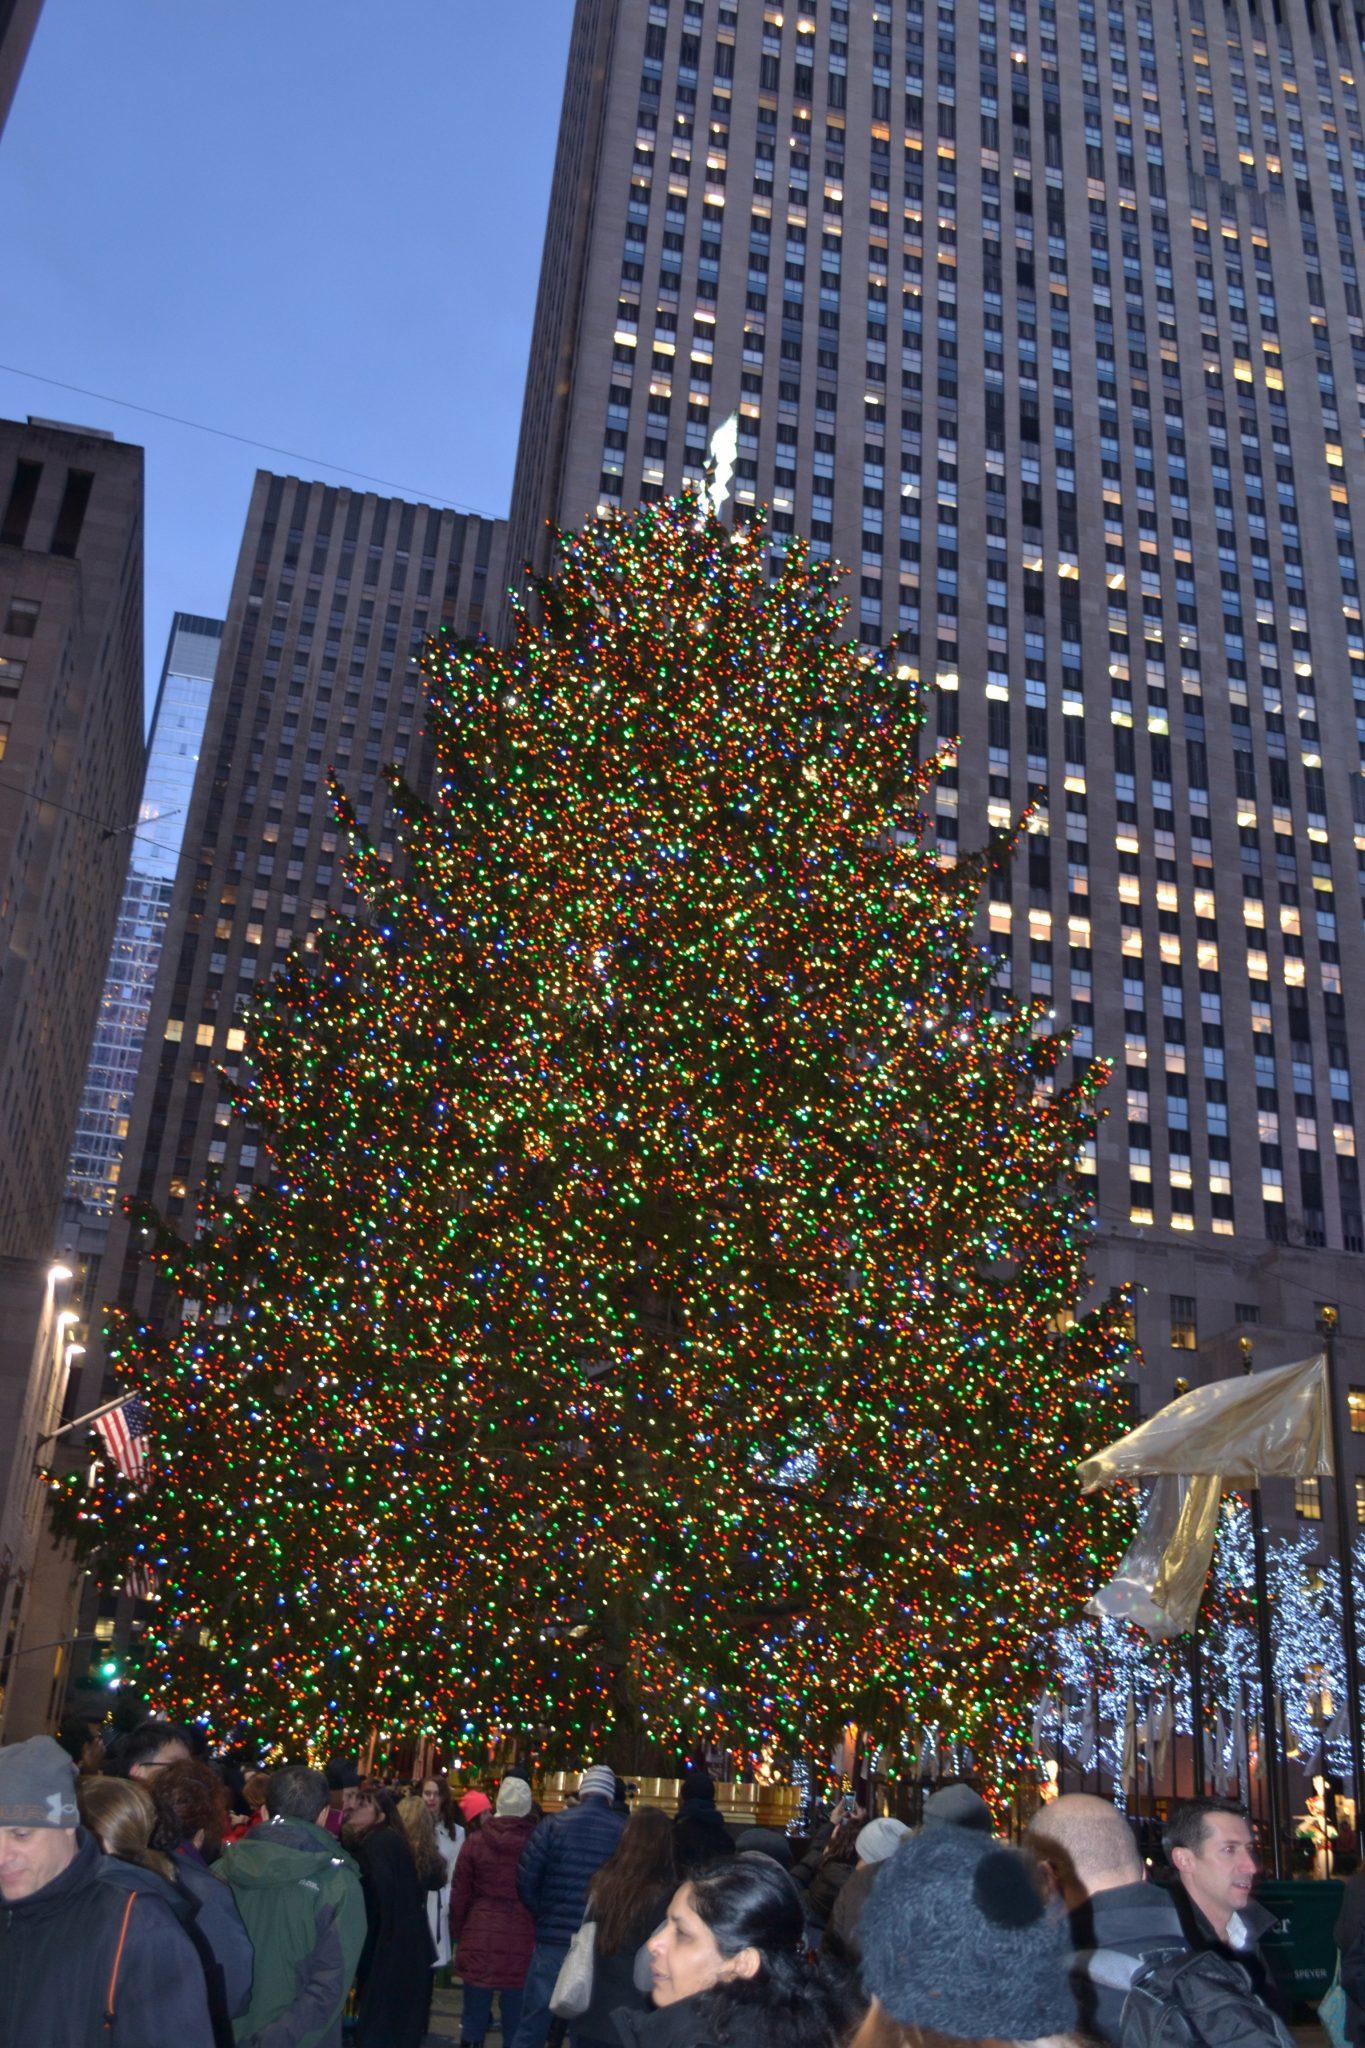 Eine Woche in New York: Rockefeller Center & Empire State Building - dsc 0207